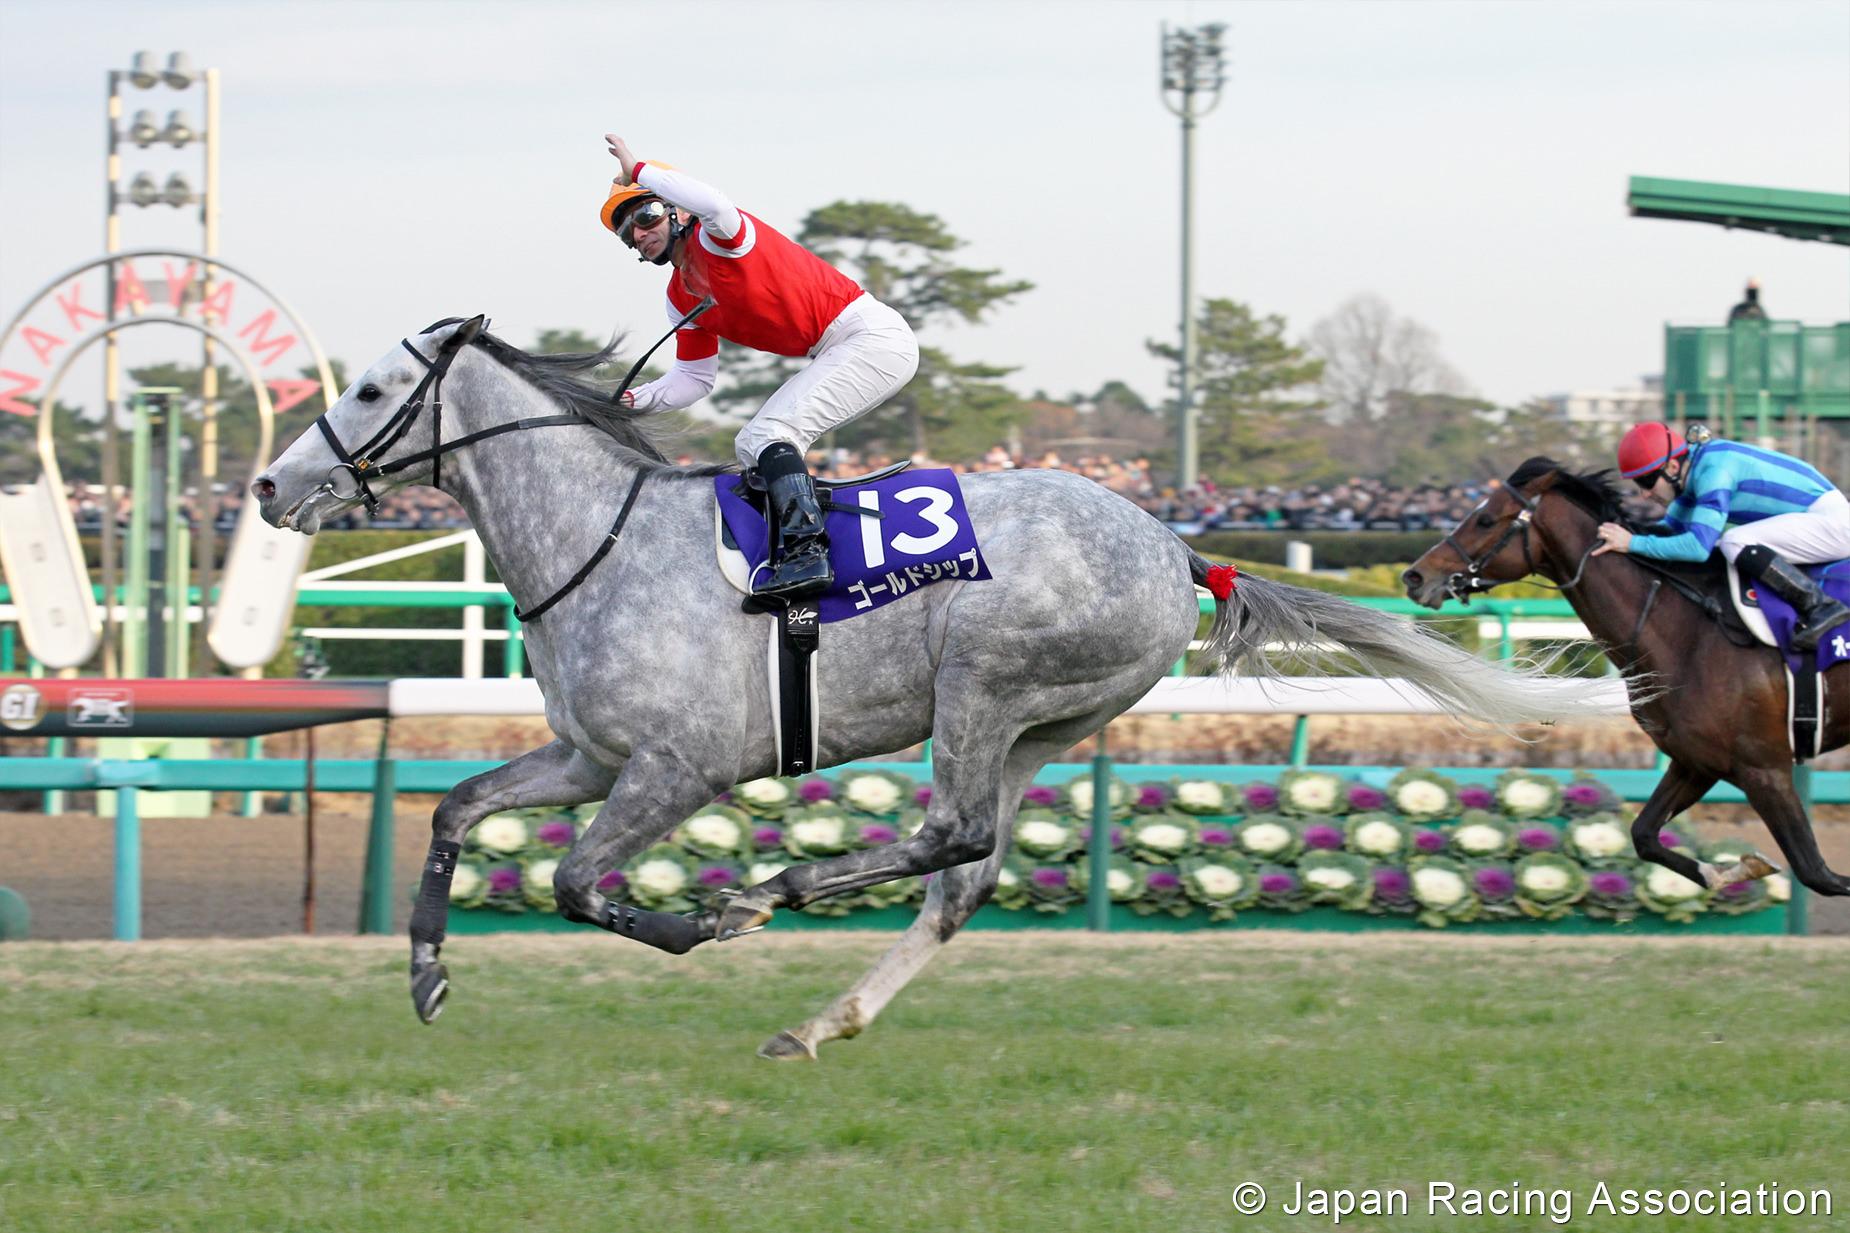 ゴールドシップが有馬記念(GI)を制覇 © JRA